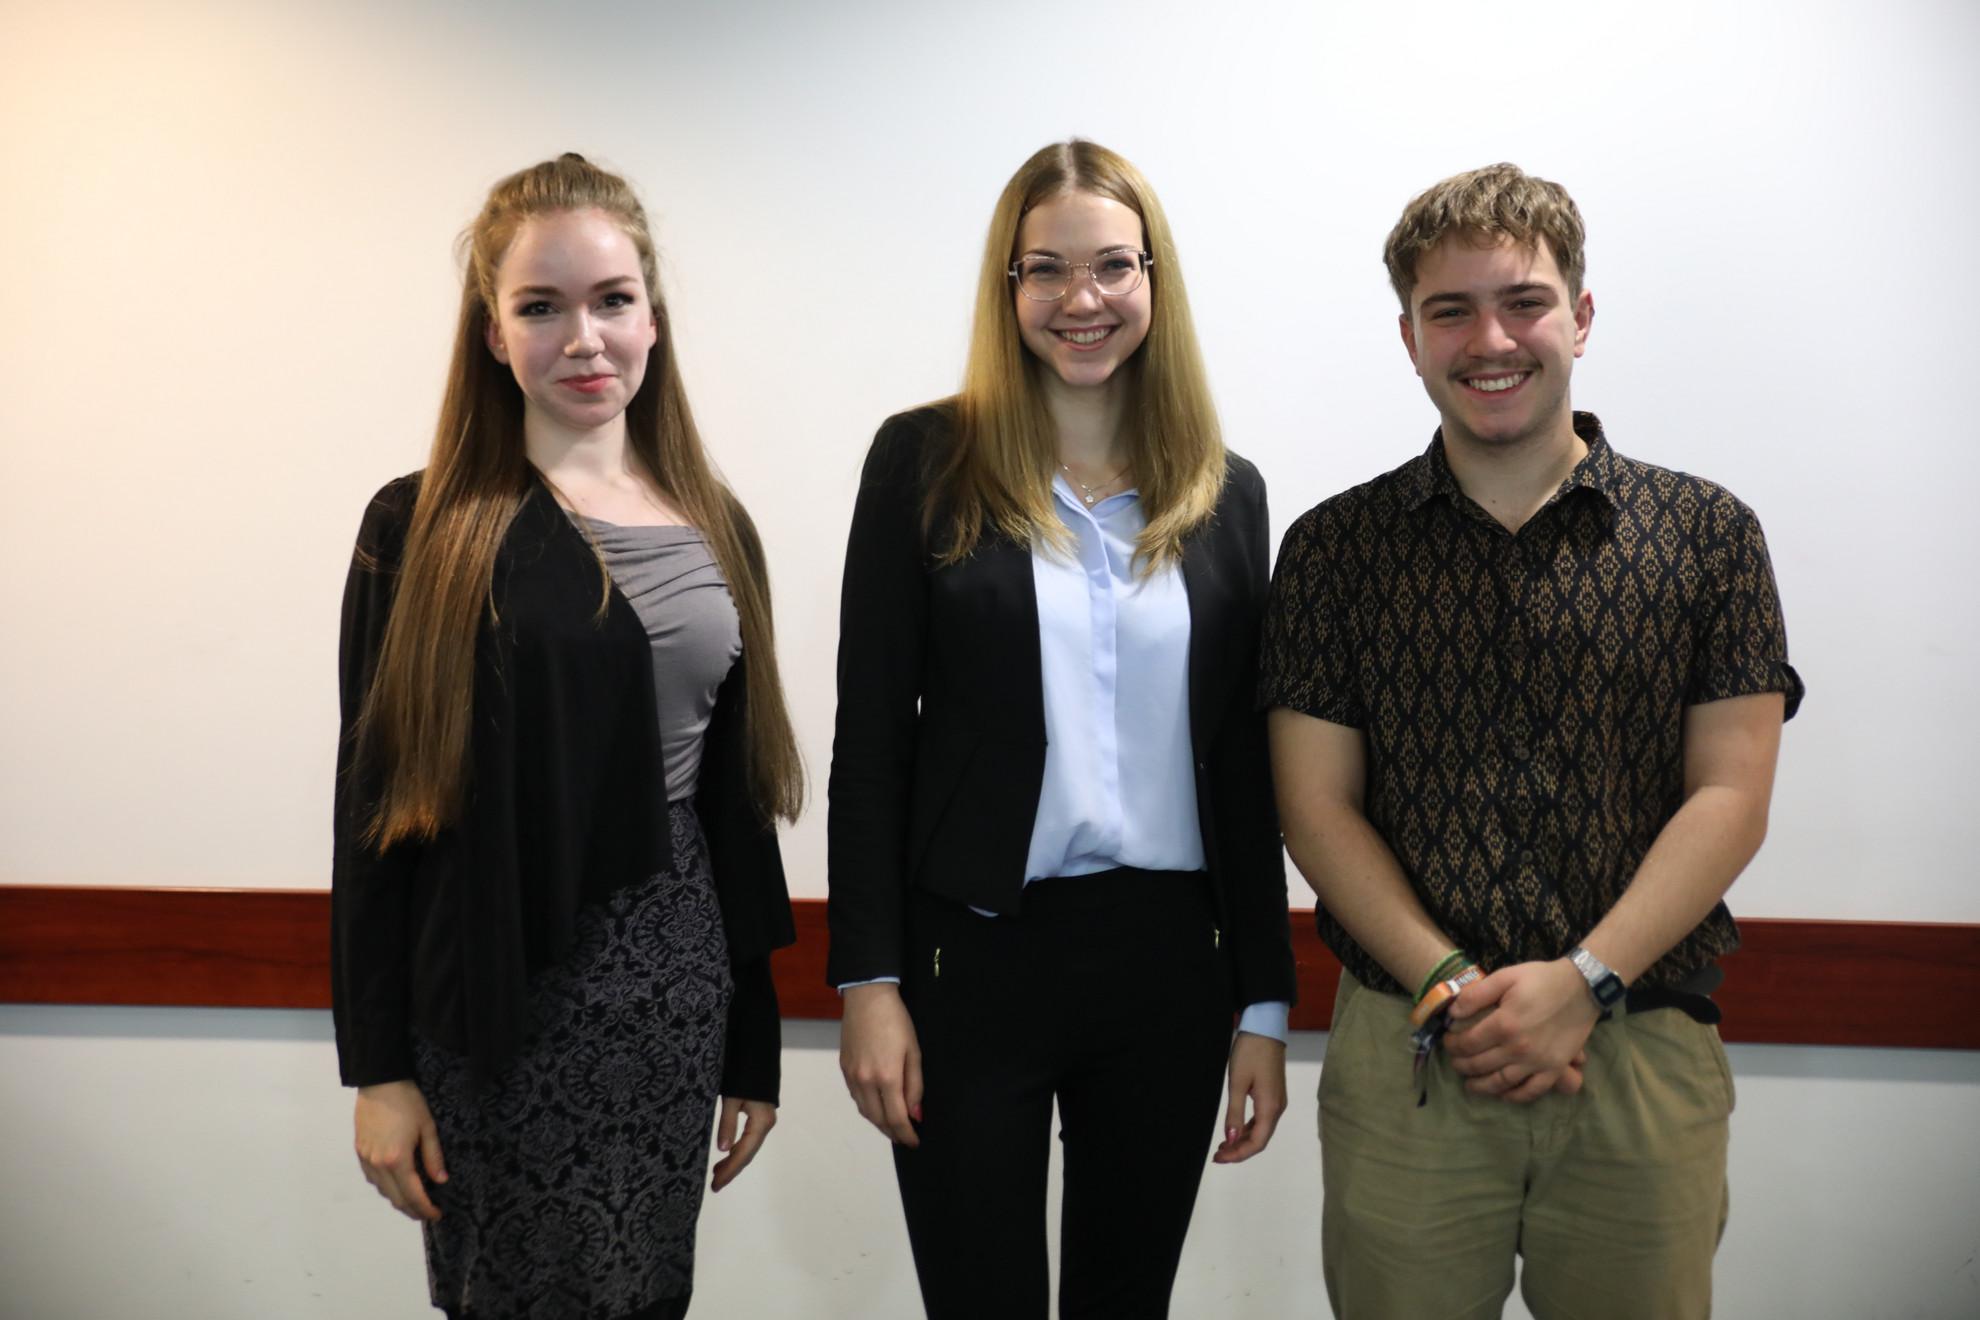 Bemutatkozik három, nemzetközi színtéren is kiemelkedően sikeres fiatal: Novák Blanka, Ecsedi Boglárka és Zsigó Miklós